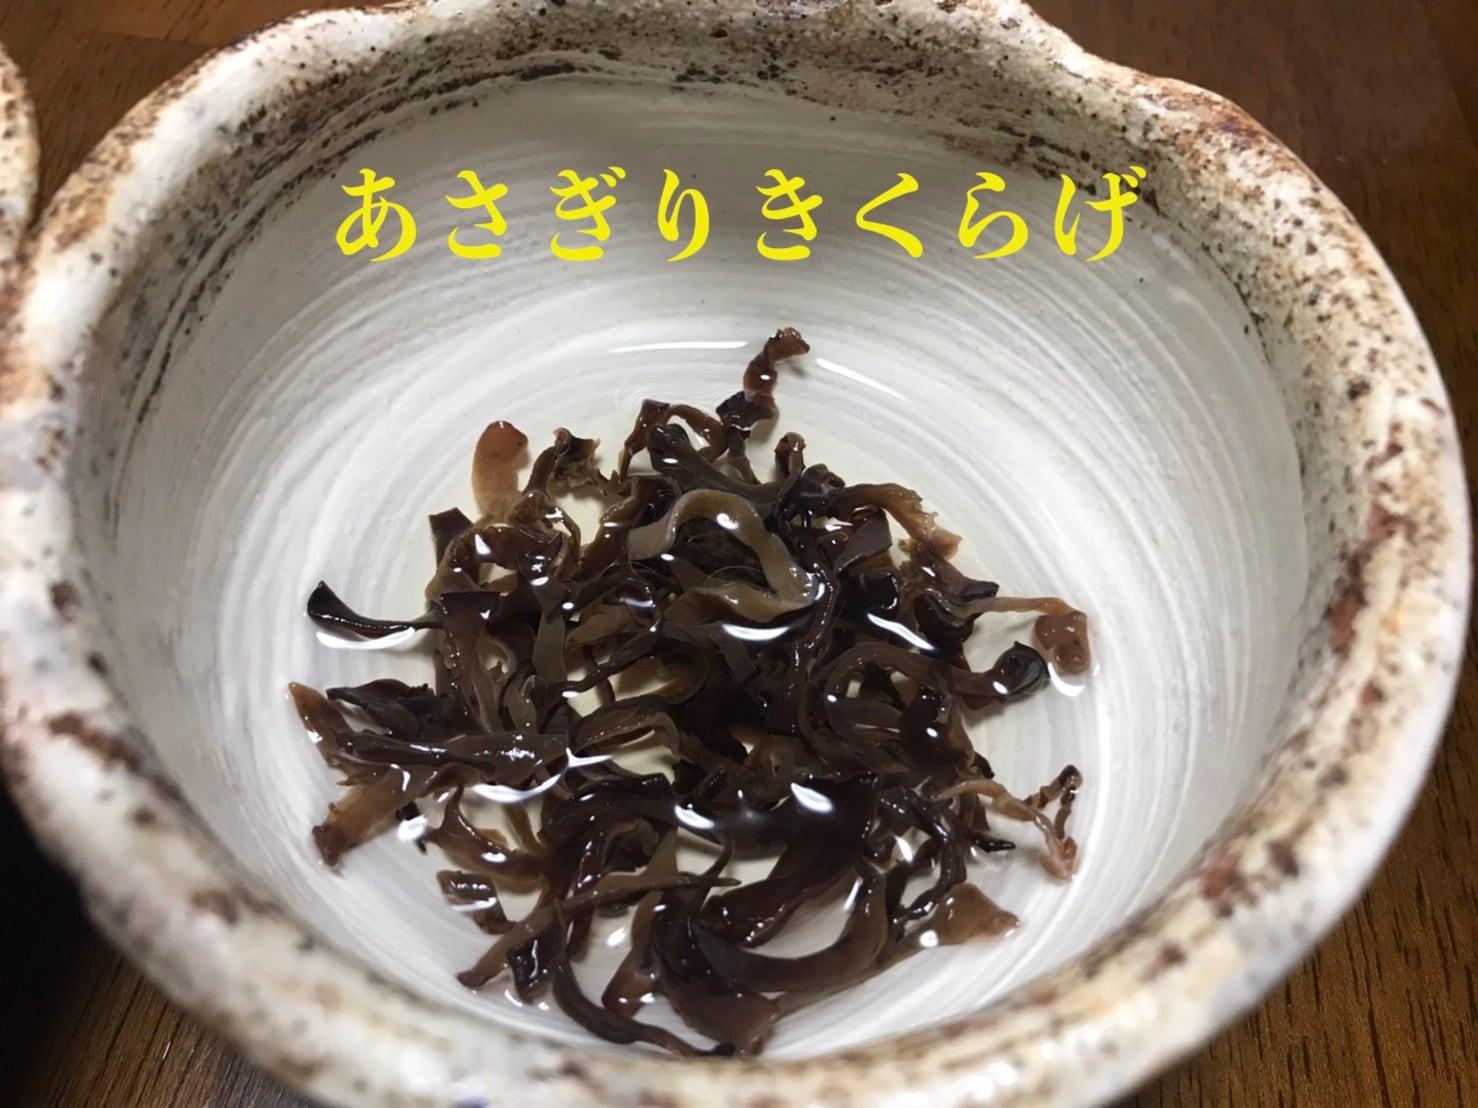 熊本県球磨郡あさぎり町 キクラゲ きくらげ 木耳